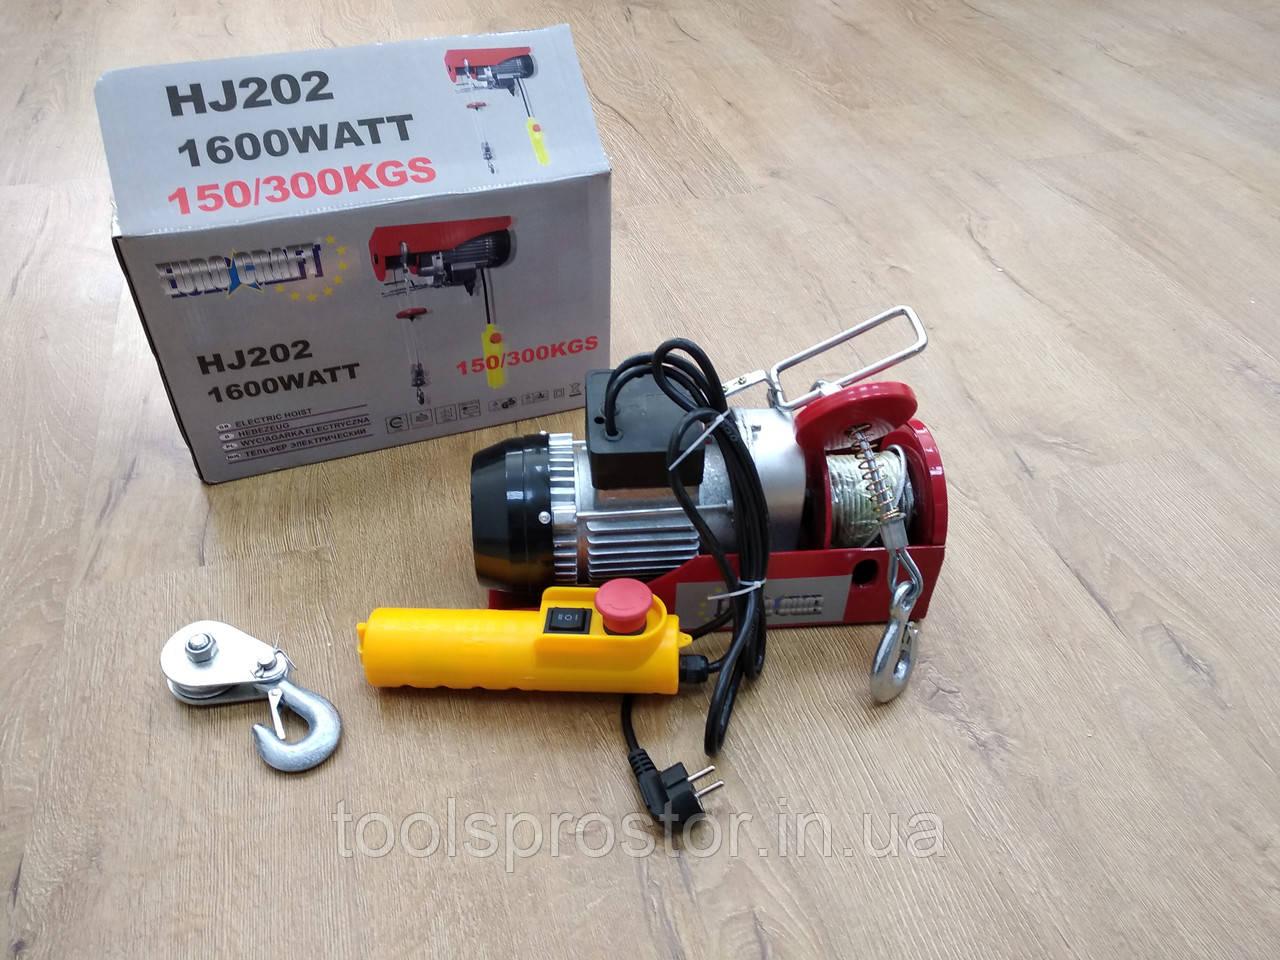 Тельфер Euro Craft HJ202 : 1600W | 150 кг / 300 кг | Гарантия 1 год